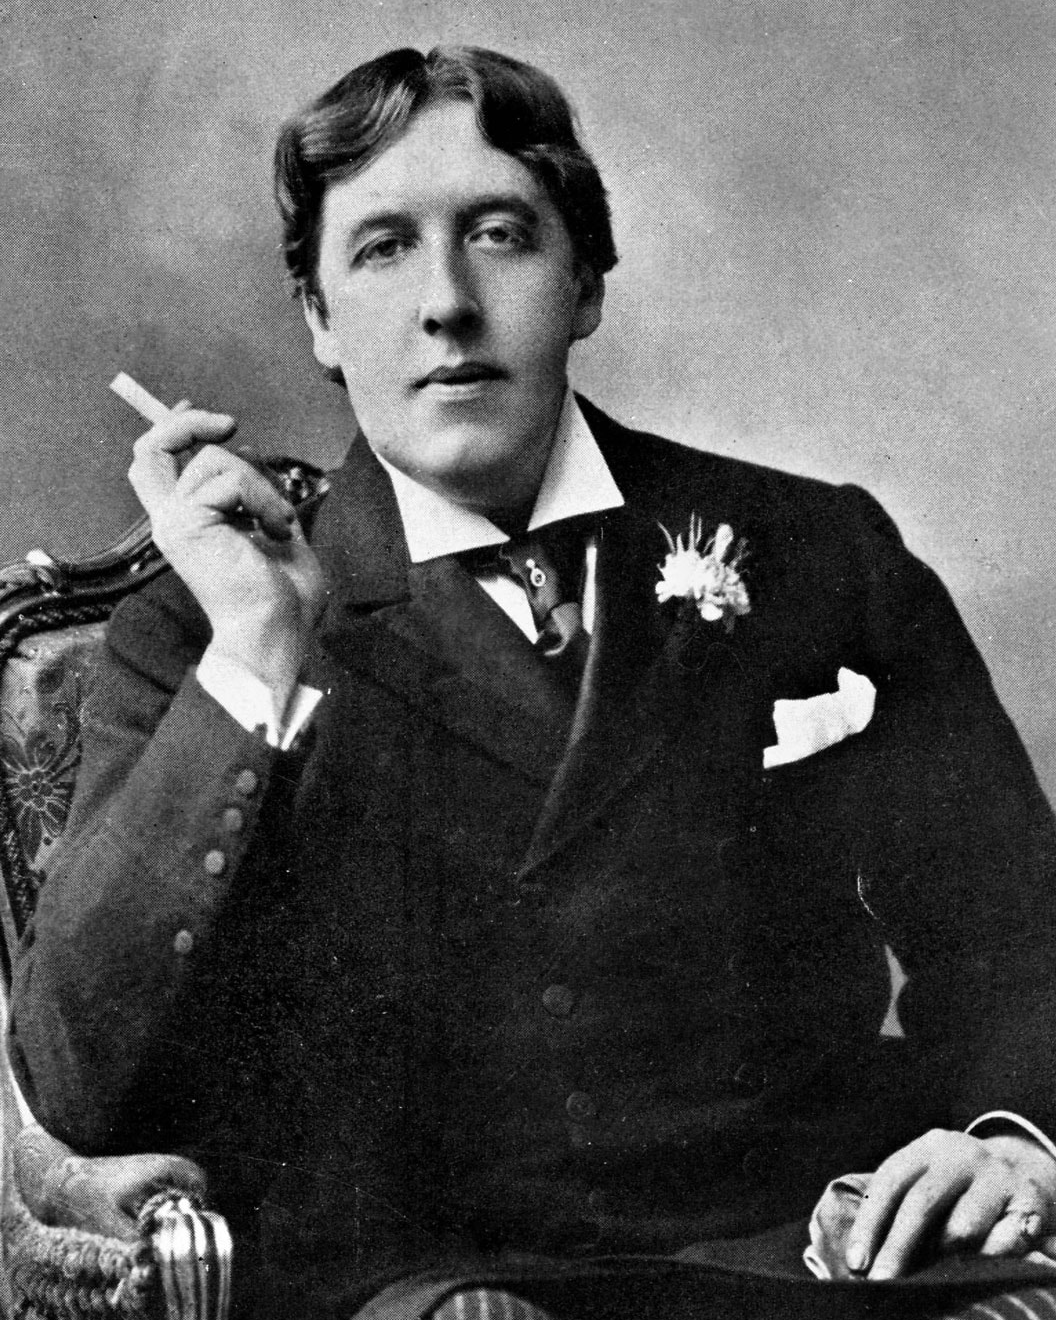 Oscar Wilde, source: Wikicommons